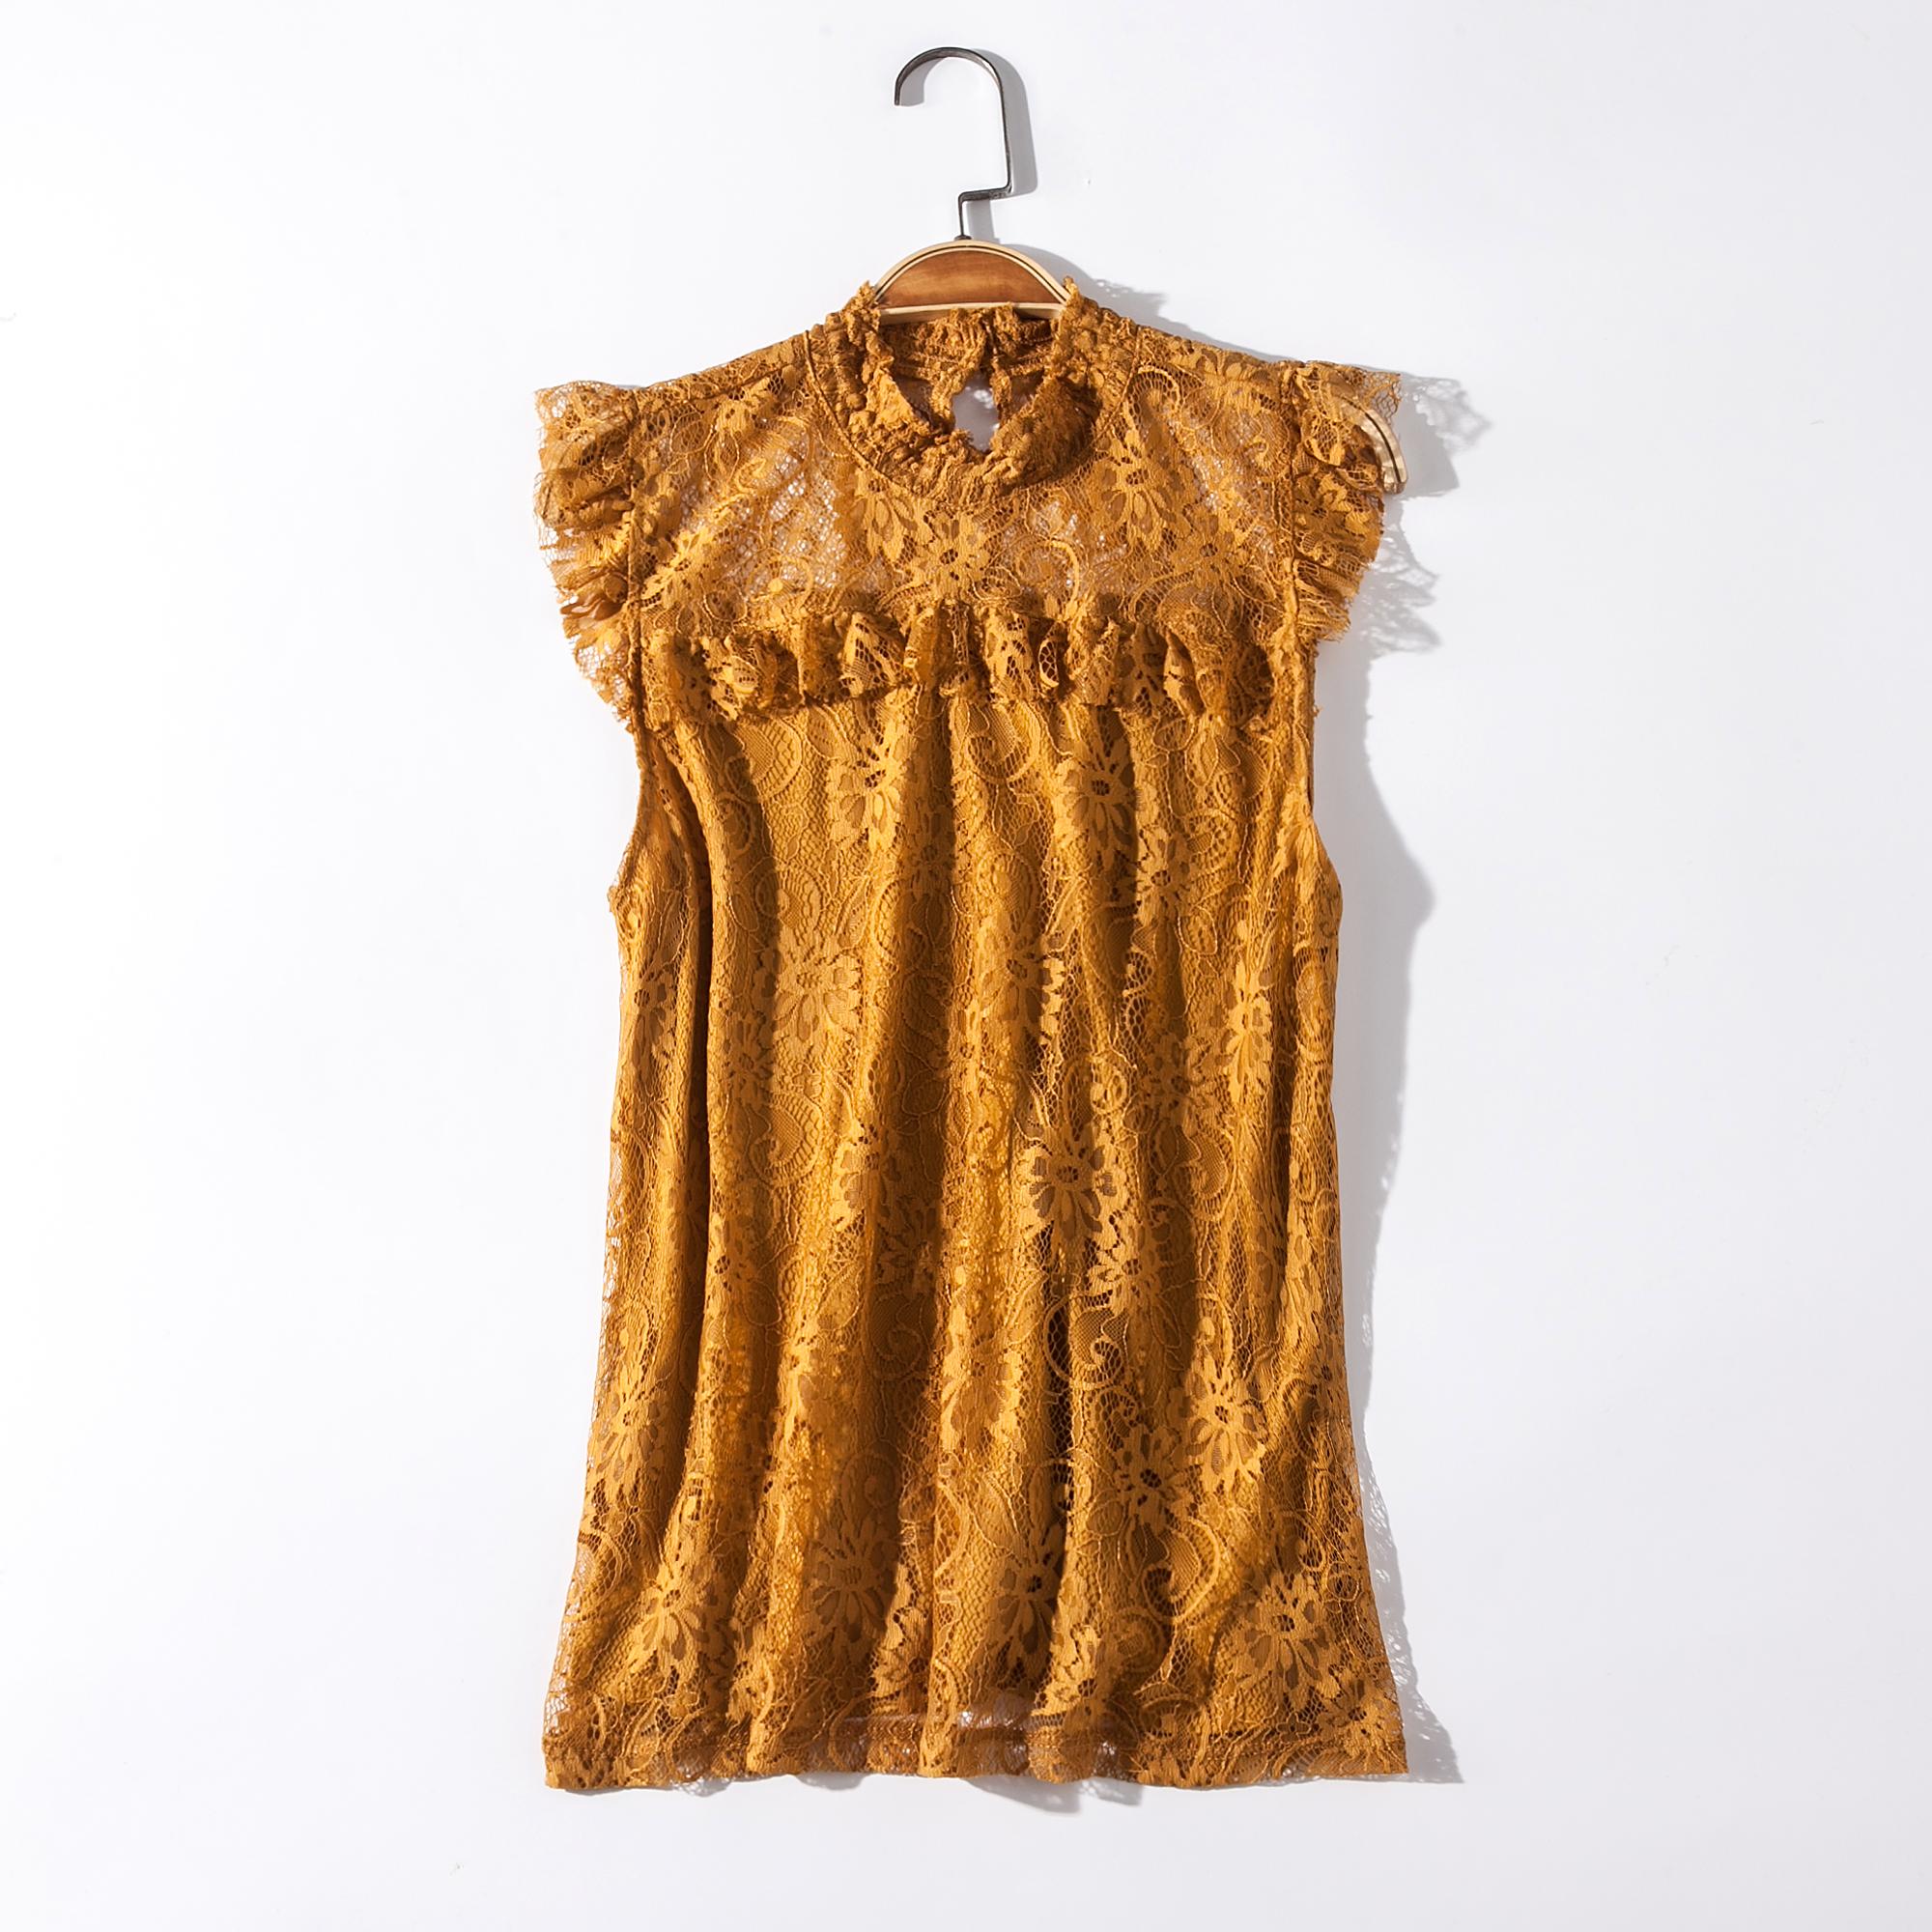 出口欧美单女装胸围86-132cm 立领无袖木耳边蕾丝衫女背心H286